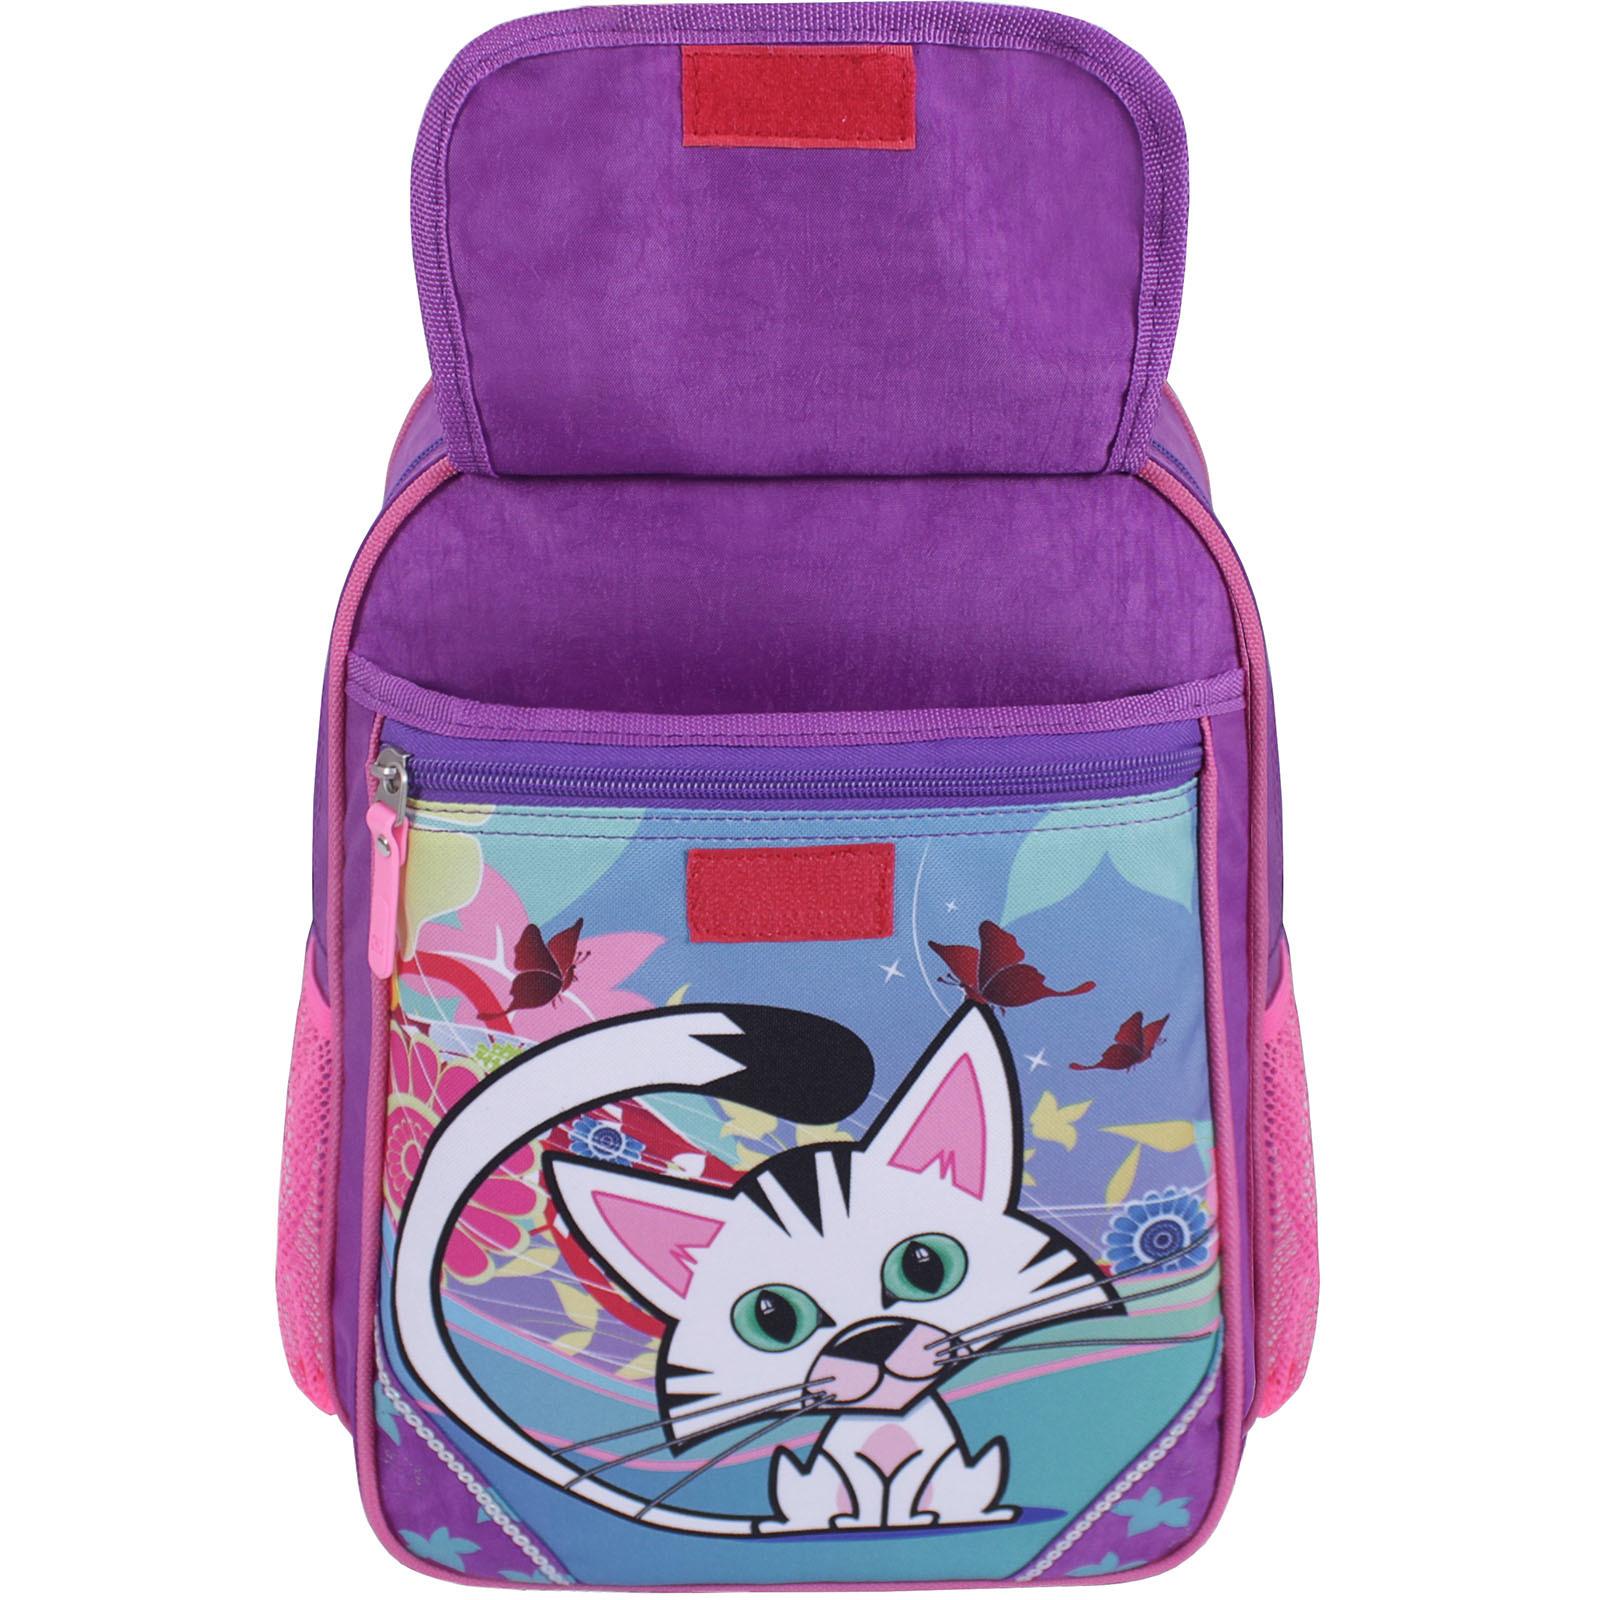 Рюкзак школьный Bagland Отличник 20 л. 339 фиолетовый 502 (0058070) фото 4